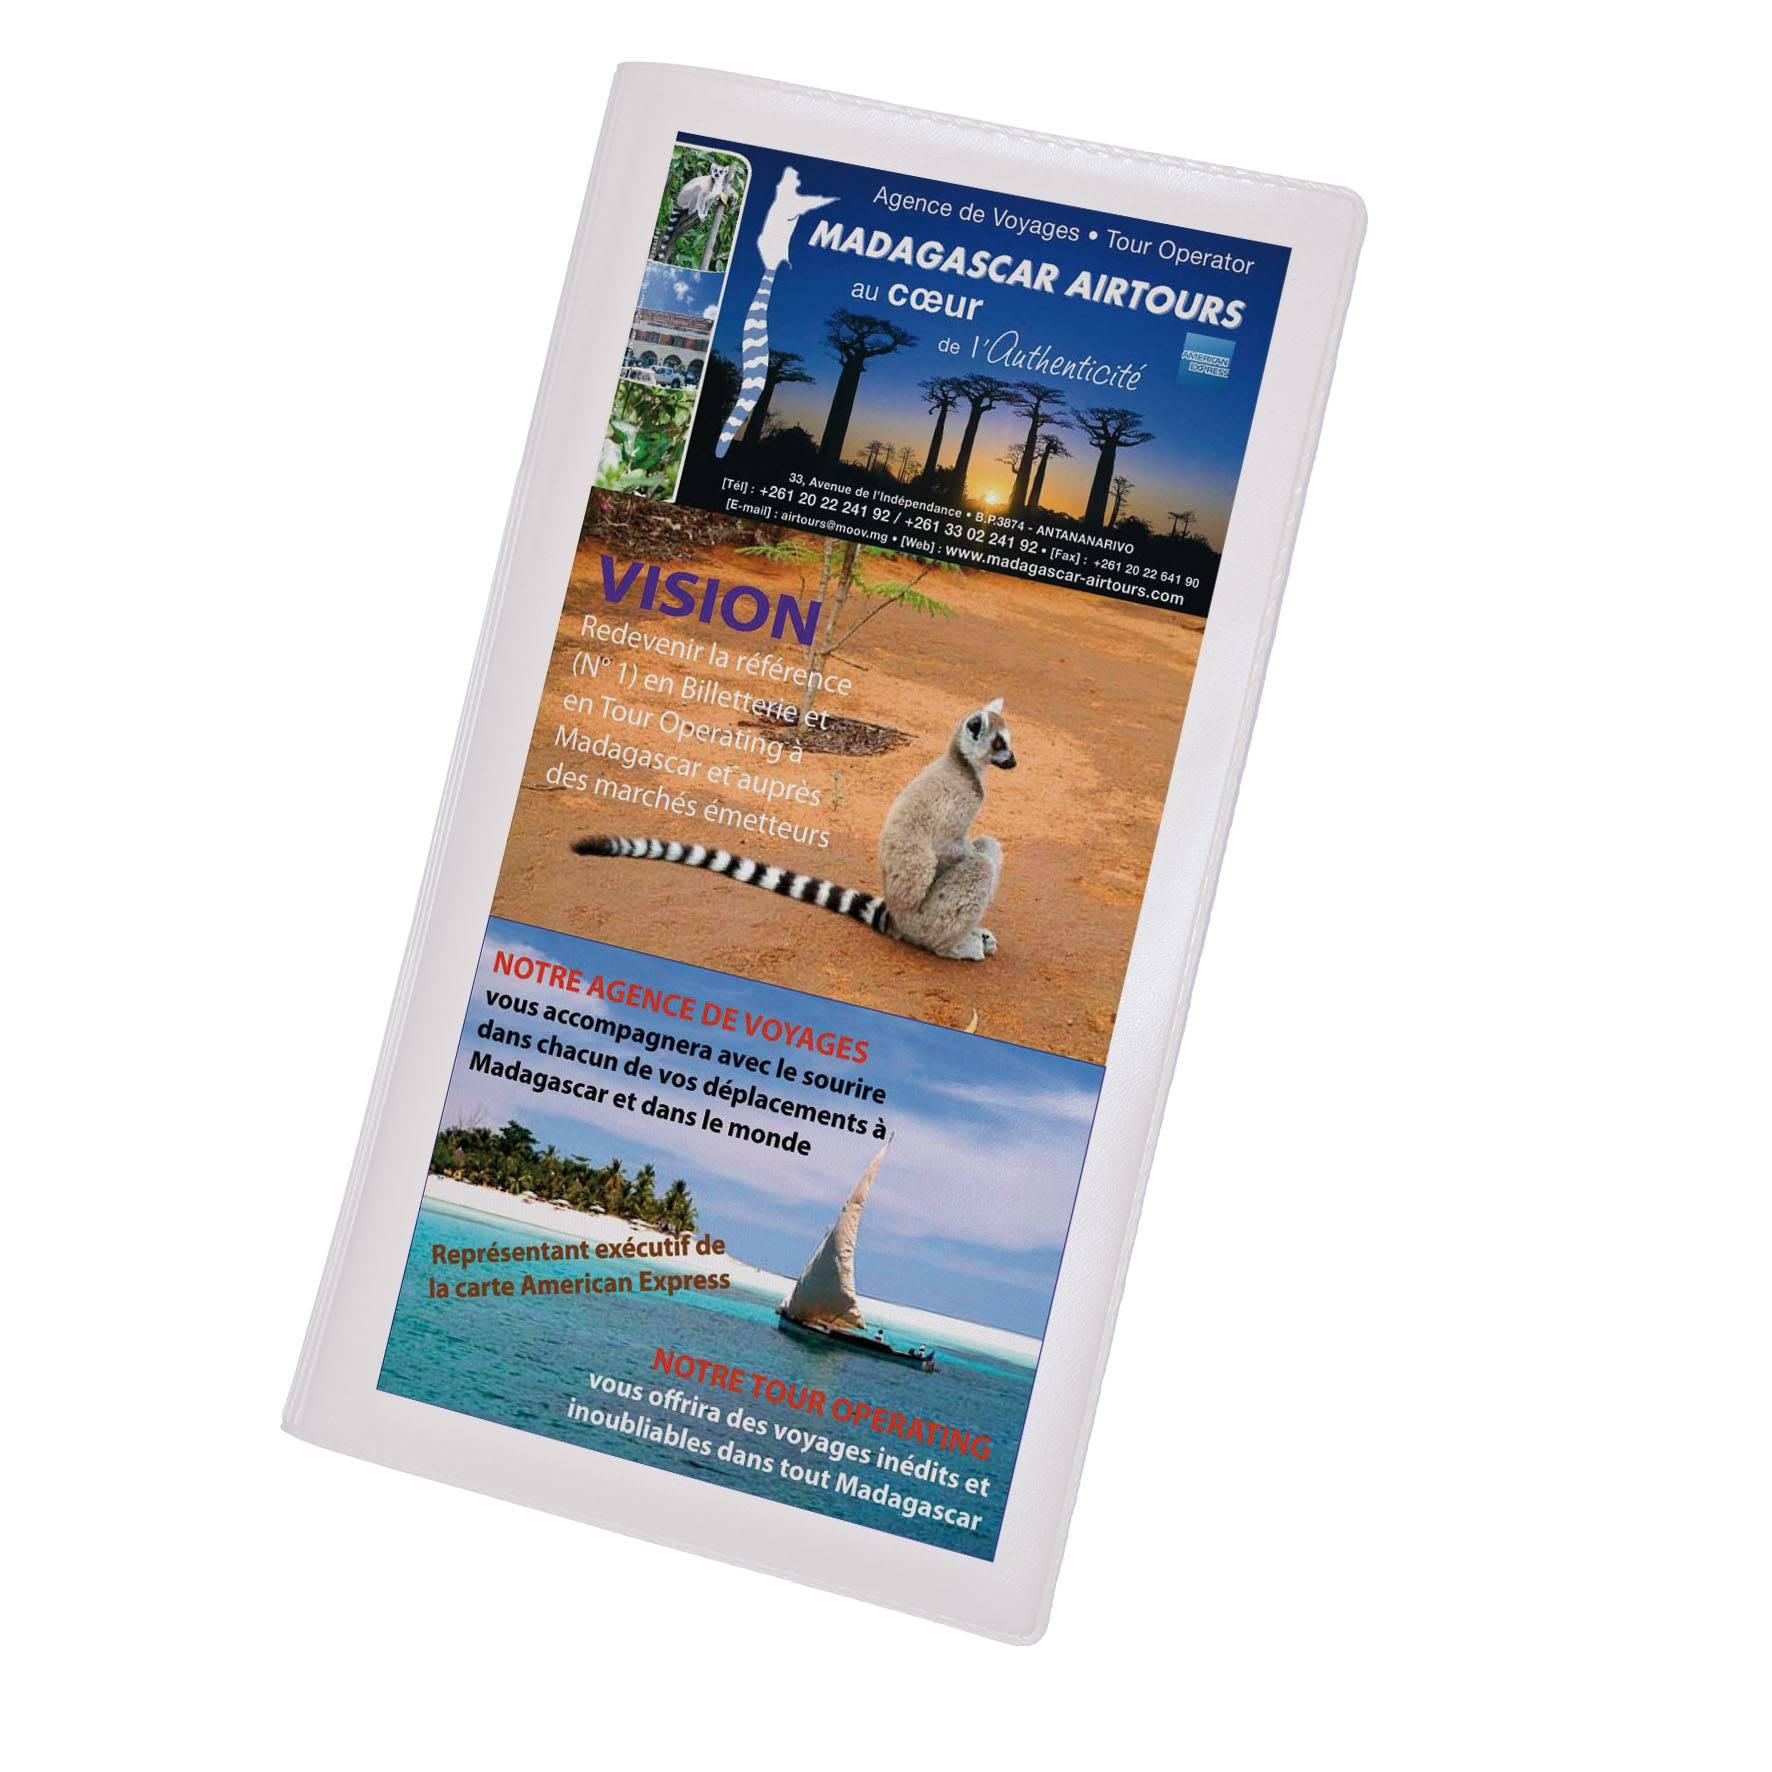 Cadeau promotionnel - Pochette de voyage publicitaire Verticale